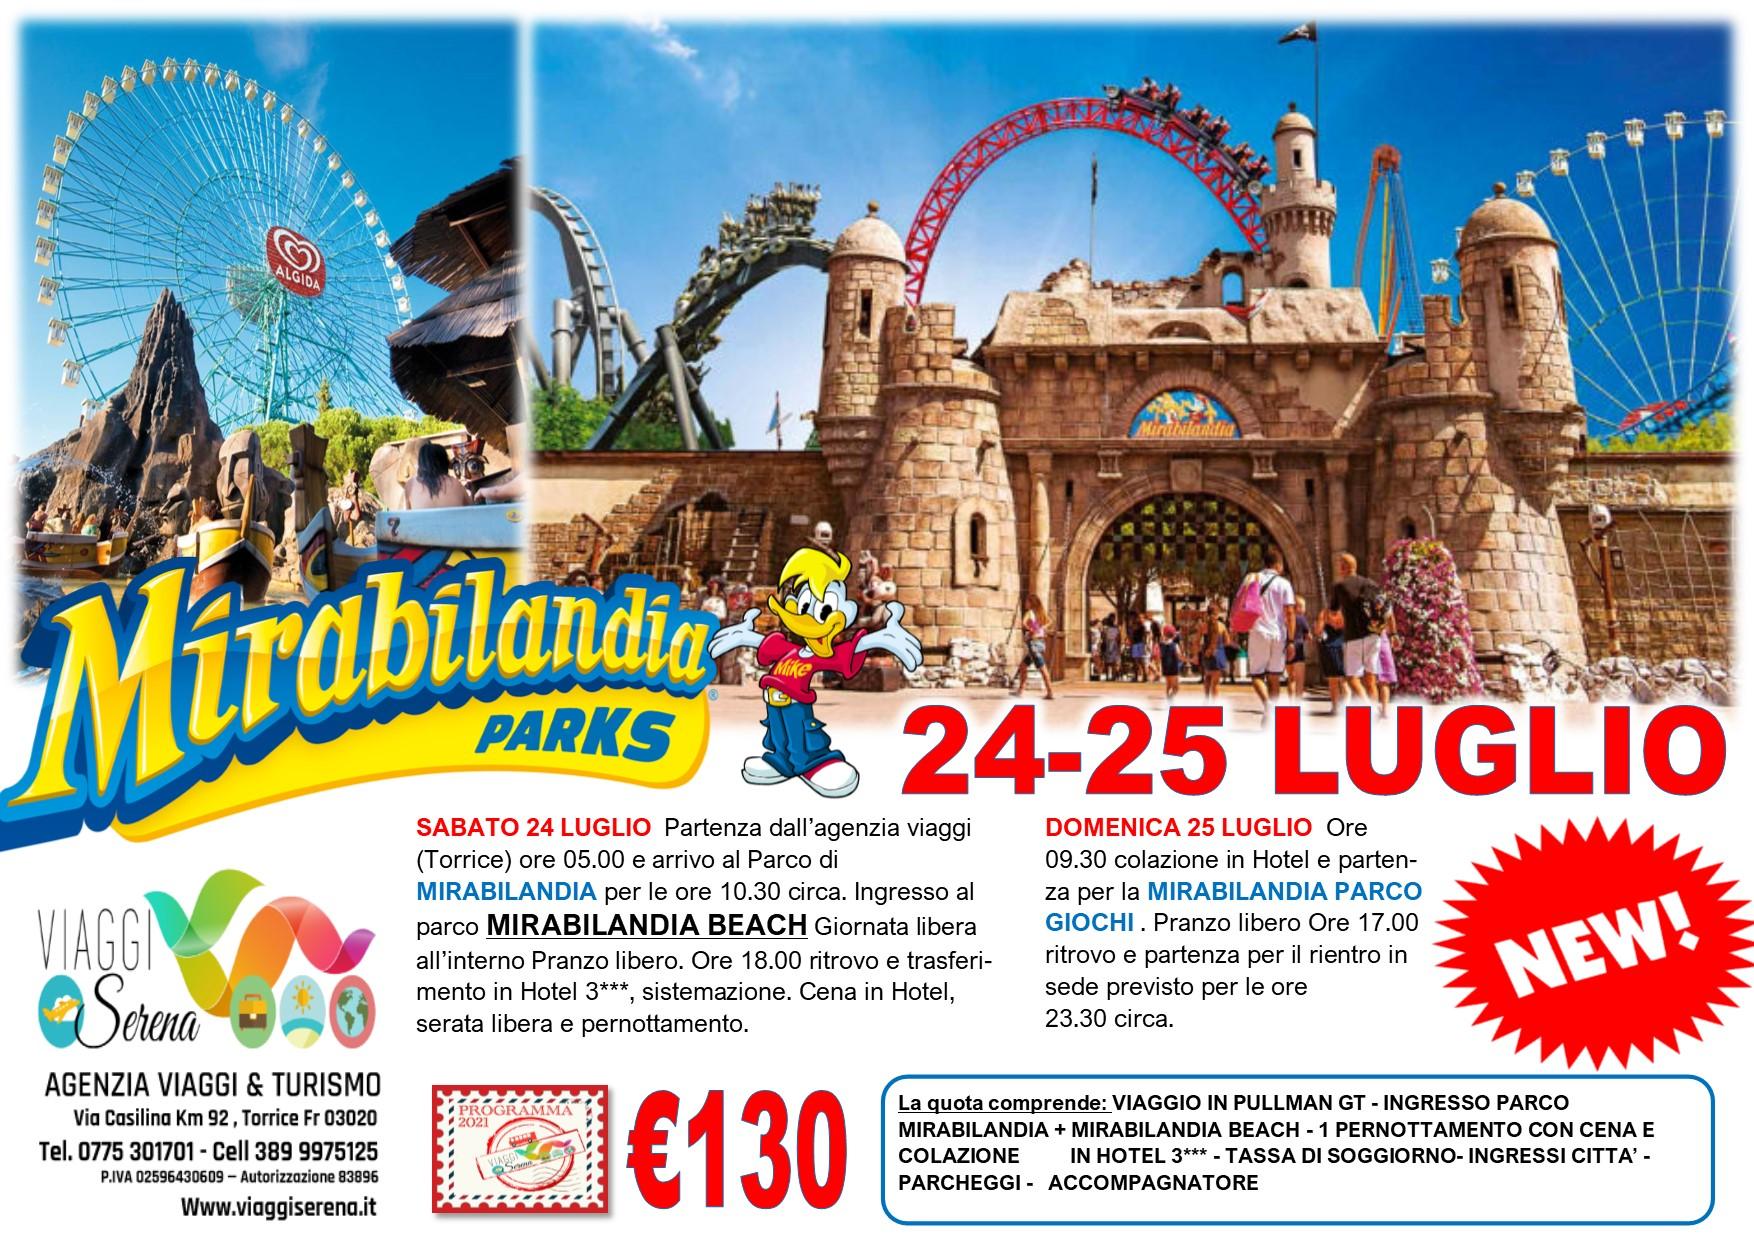 Viaggi di Gruppo:   MIRABILANDIA & MIRABILANDIA BEACH  24-25 Luglio € 130,00